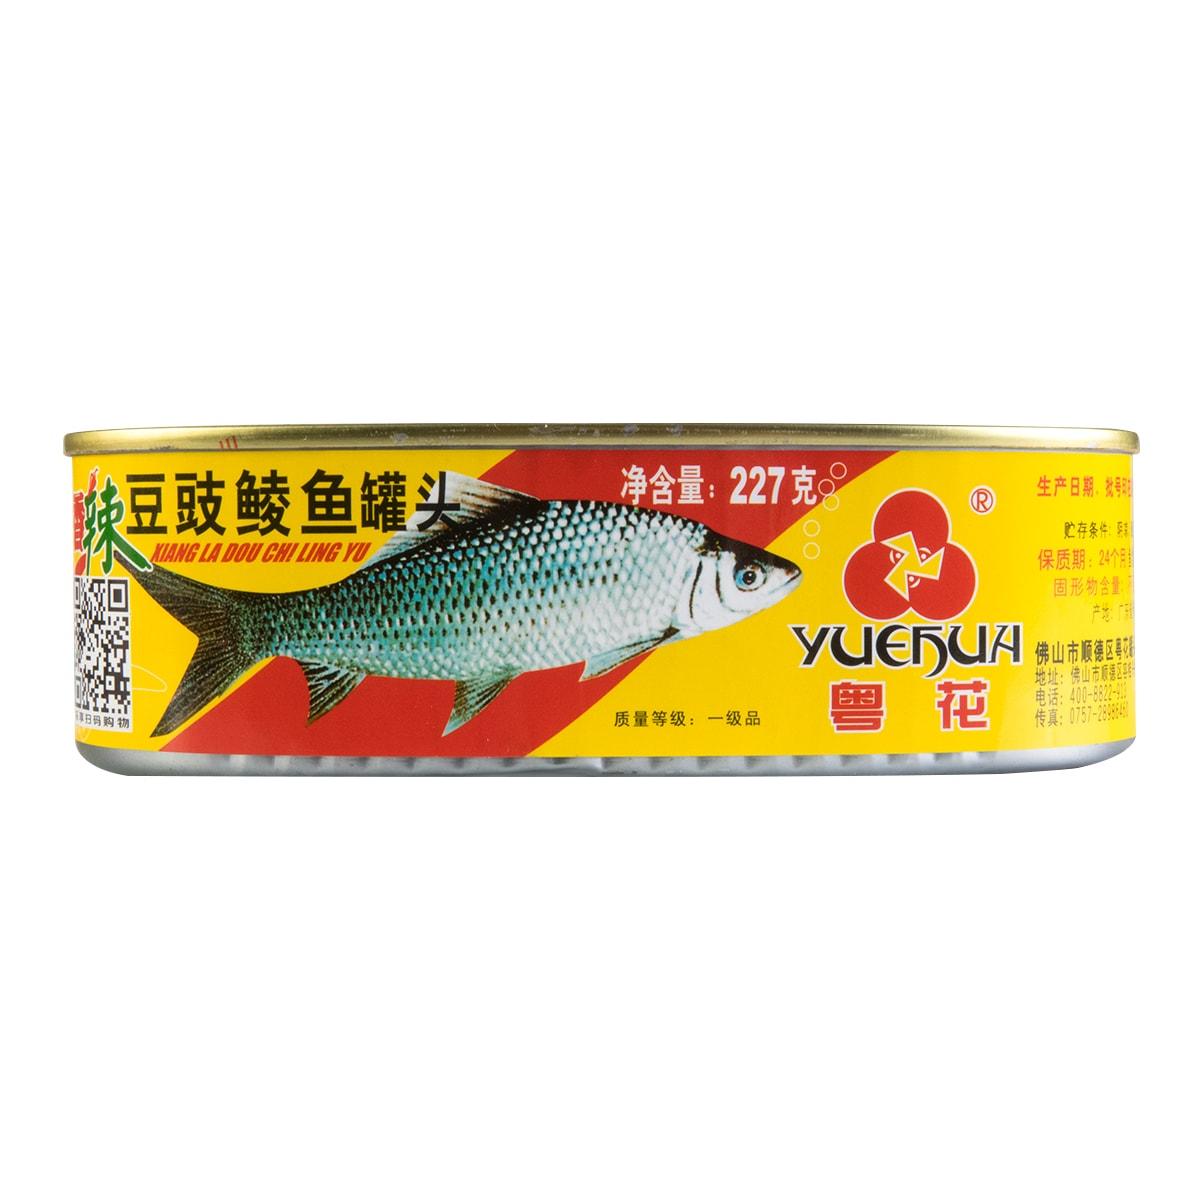 粤花牌 香辣豆豉鲮鱼罐头 227g